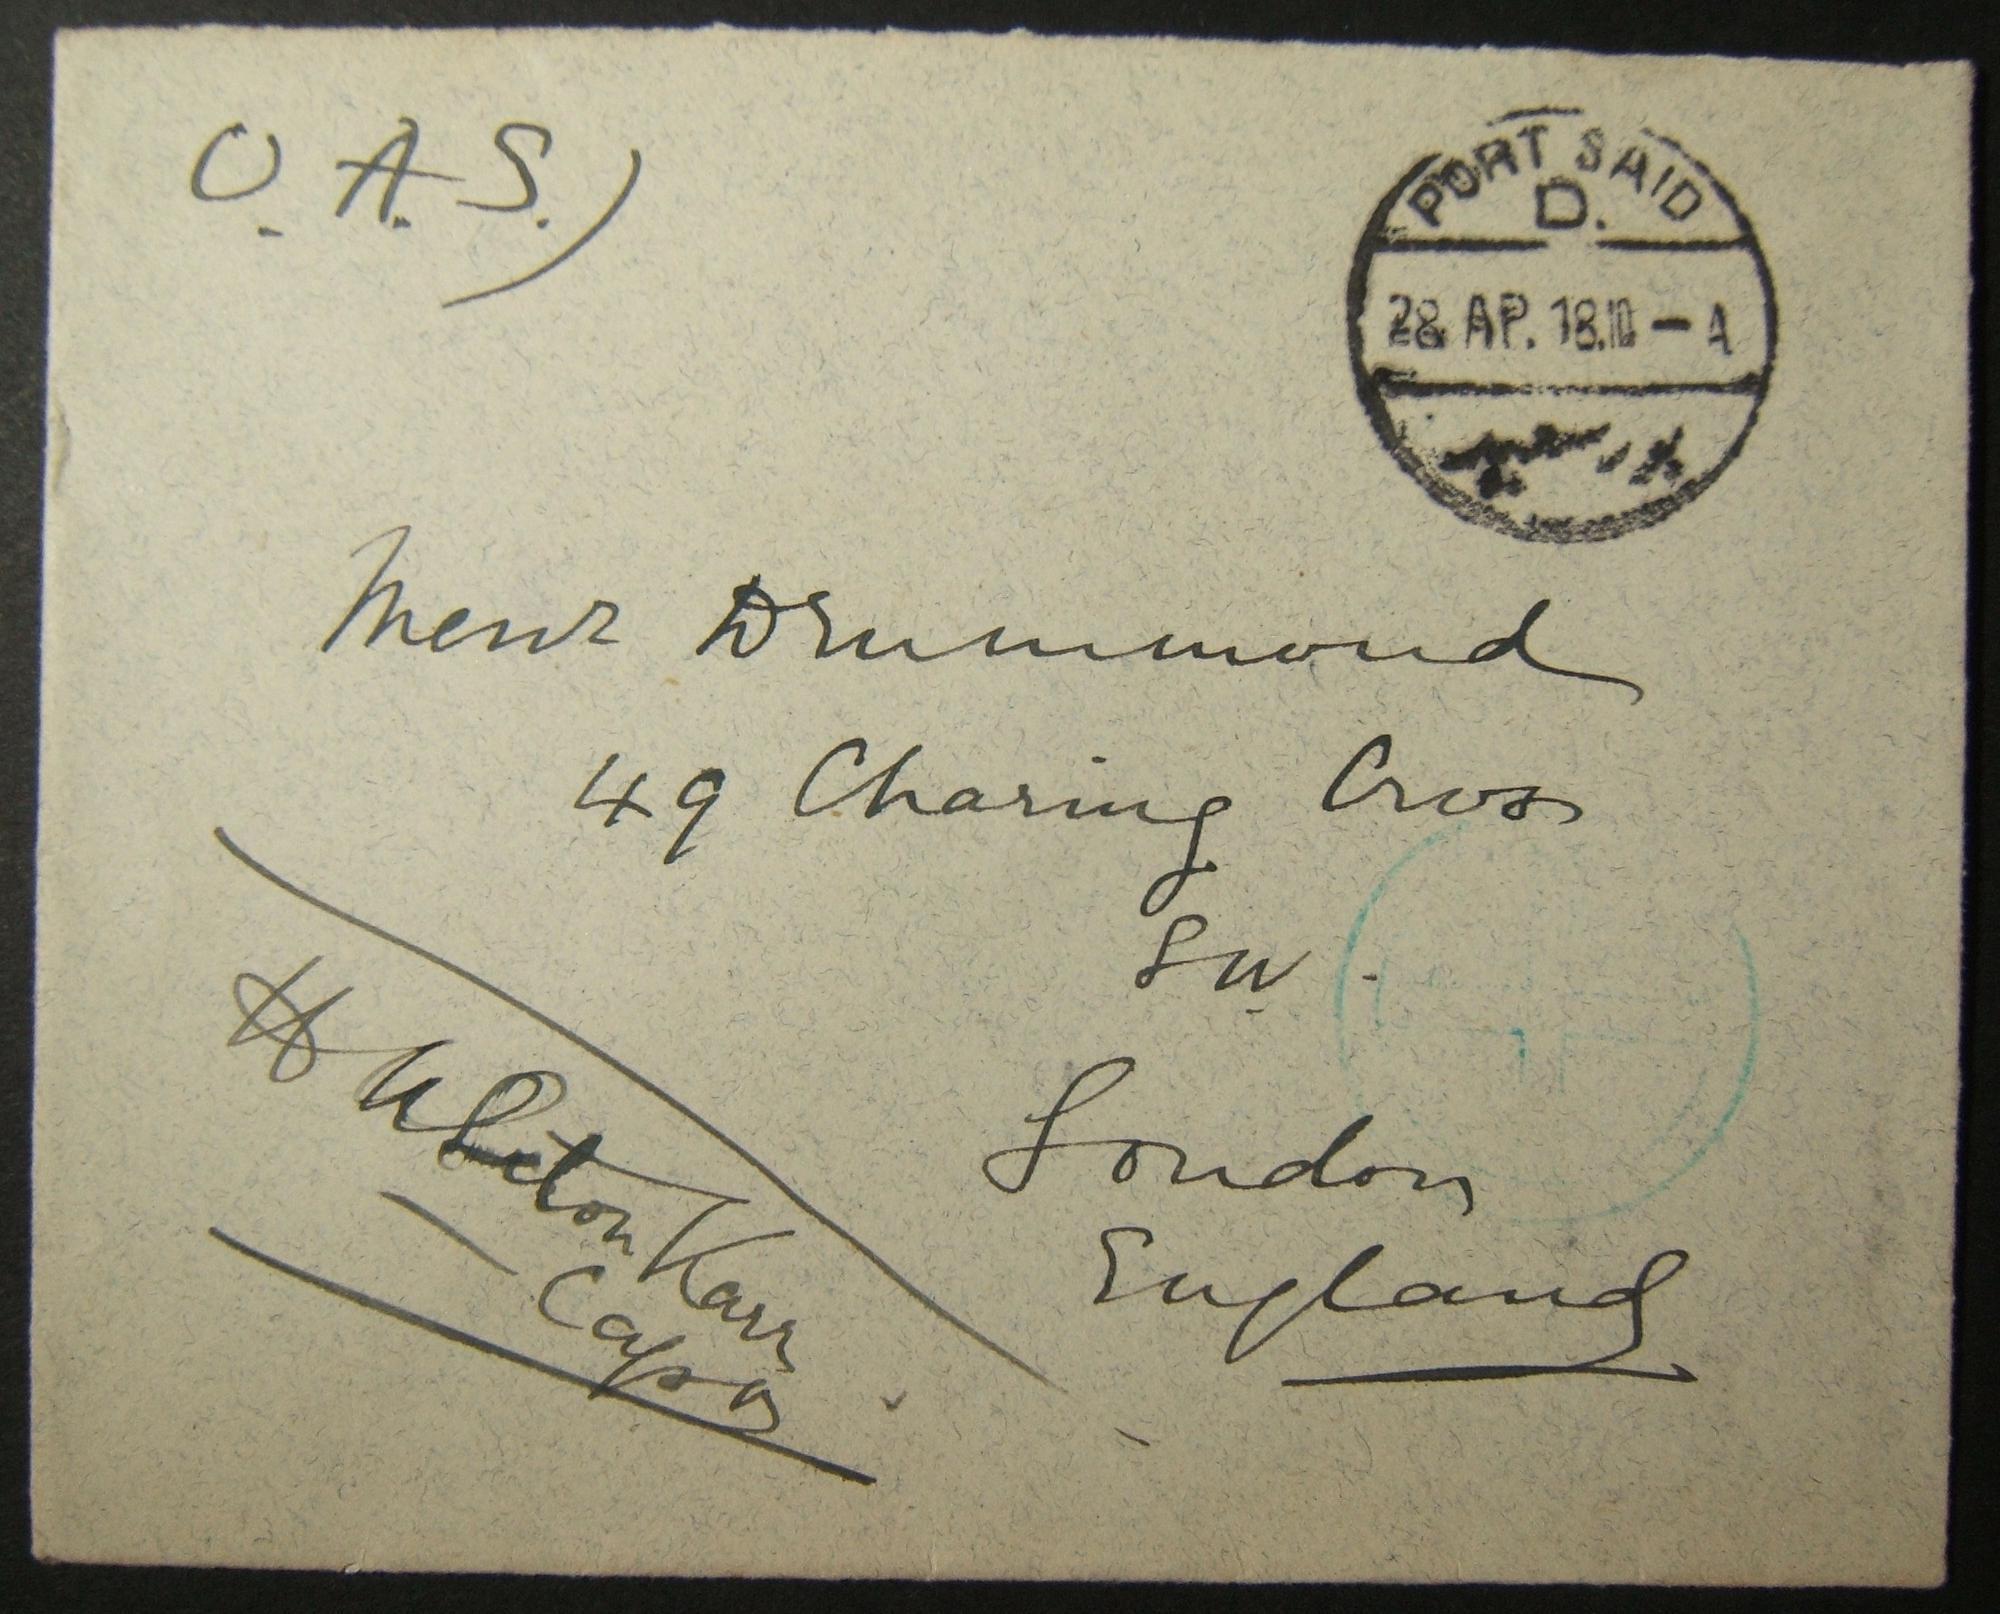 4/1918 إرسال بريد بريطاني عسكري بريطاني إلى المملكة المتحدة عبر البريد المصري مع cachet Union Club ، توجيه غير عادي